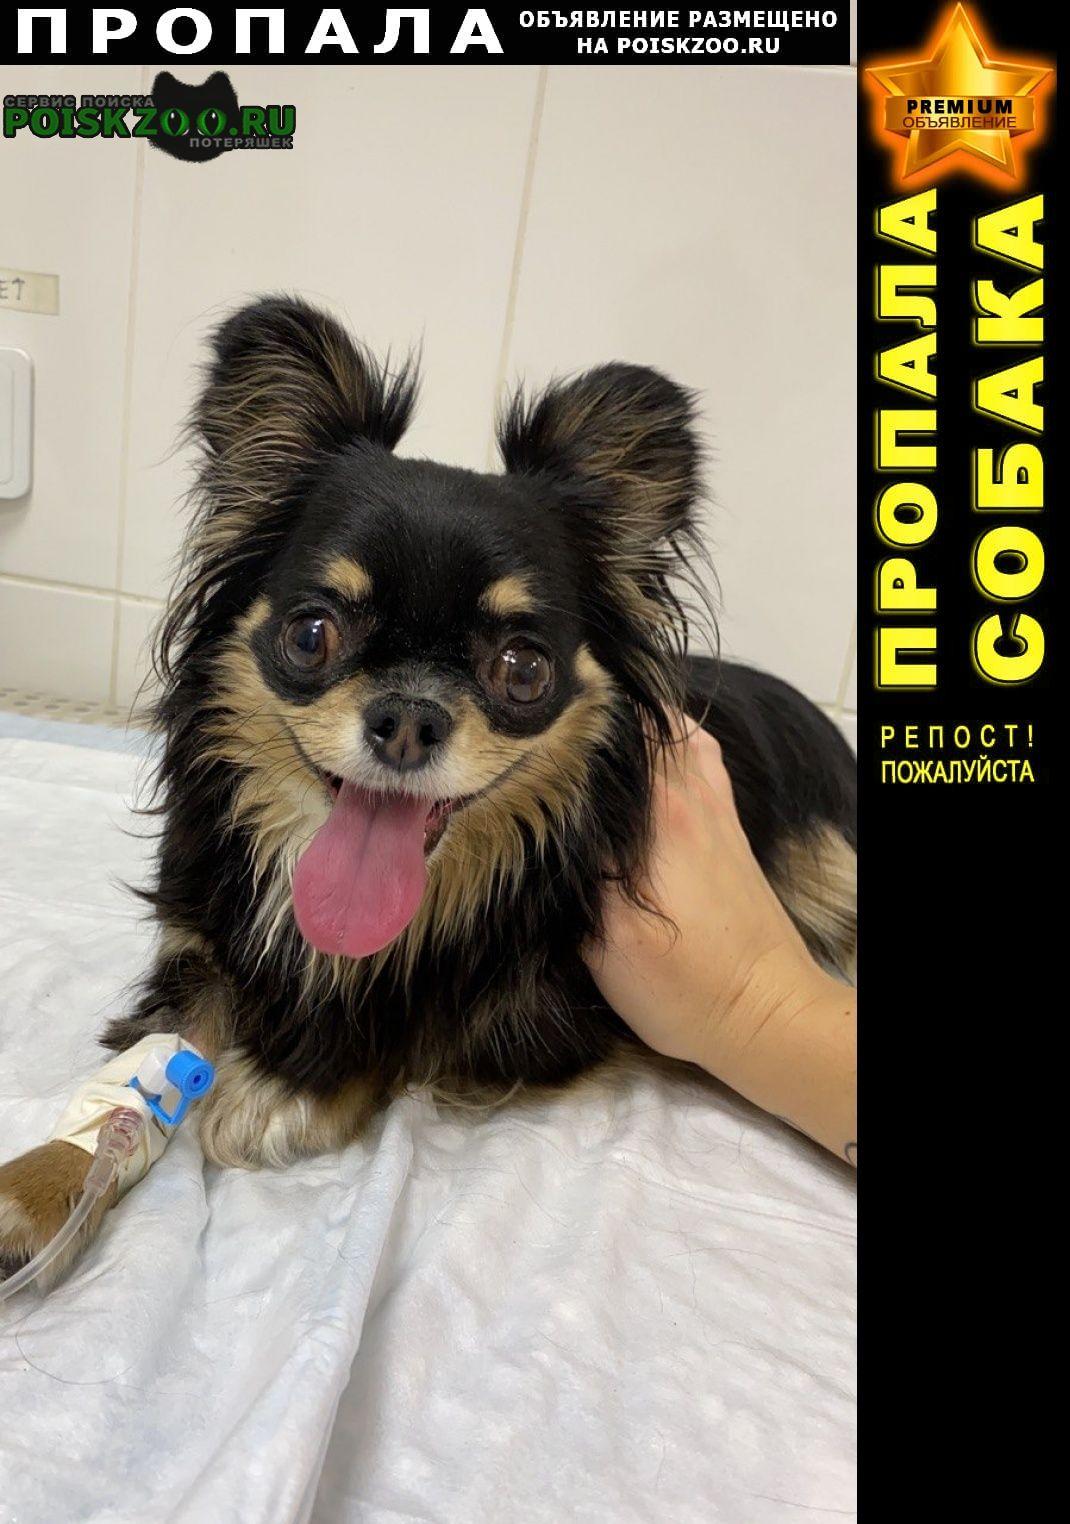 Пропала собака кобель нужна ваша помощь Подольск